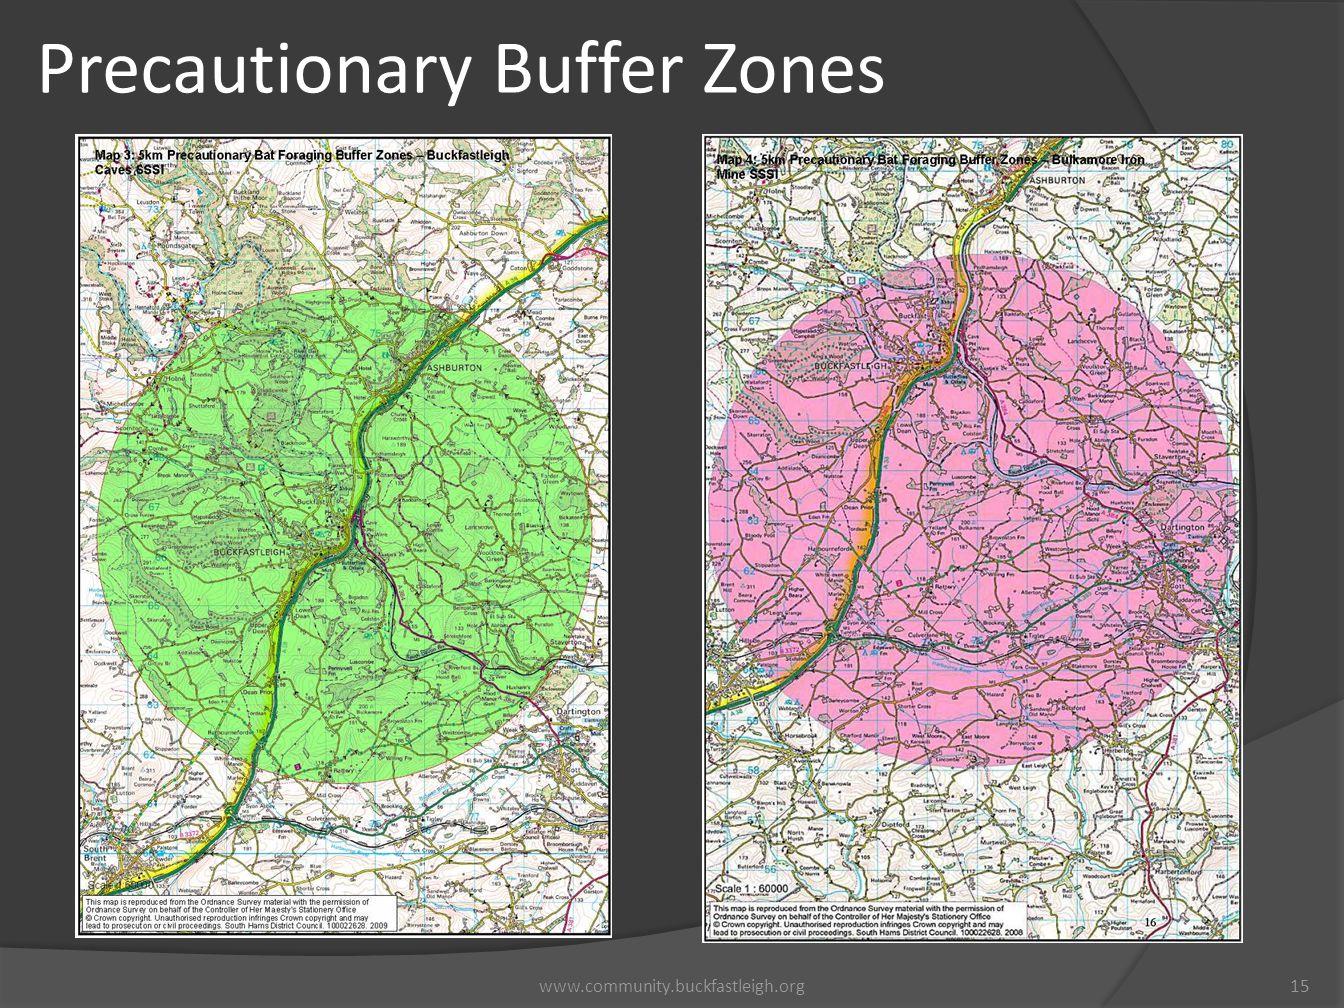 Precautionary Buffer Zones